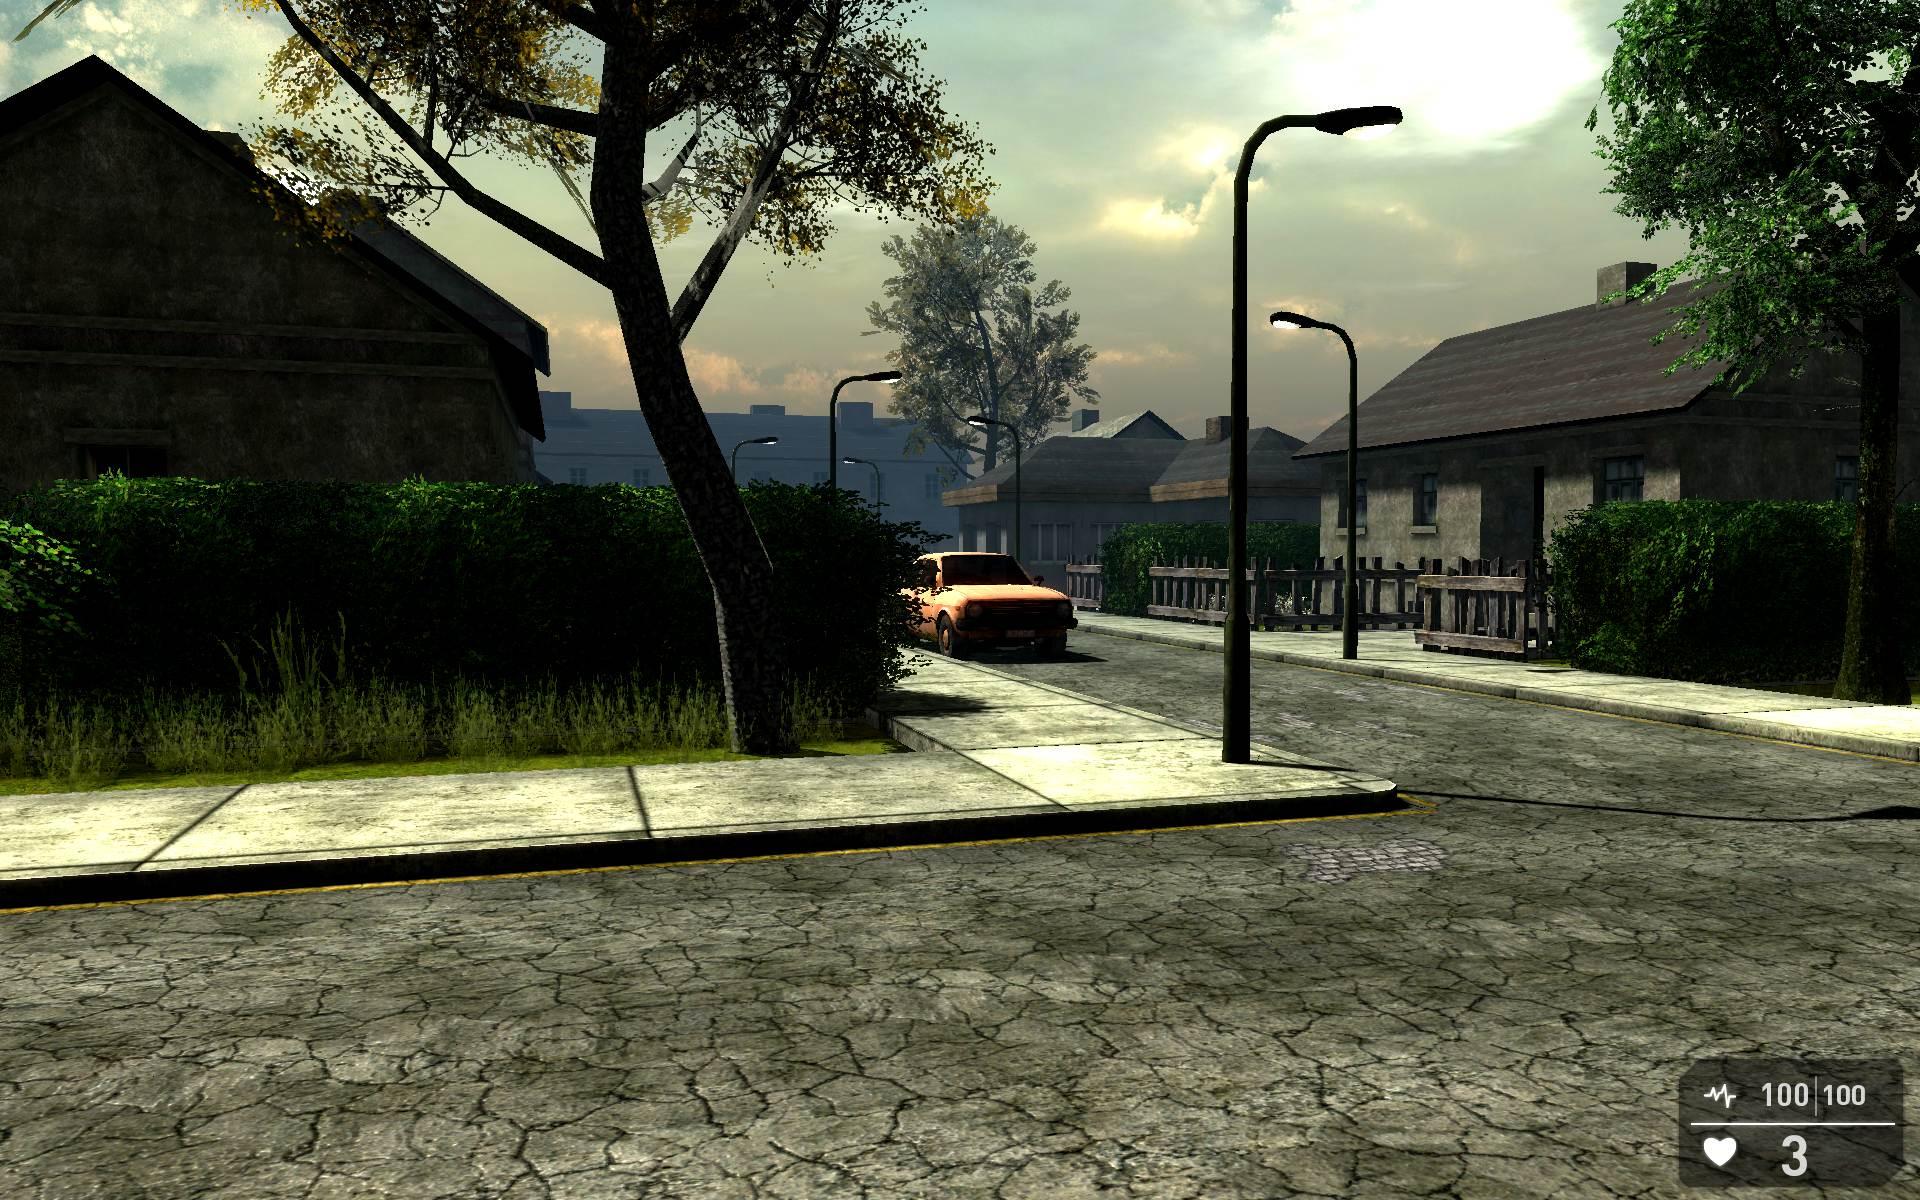 موتور بازی سازی قدرتمند گورو Guru GameEngine